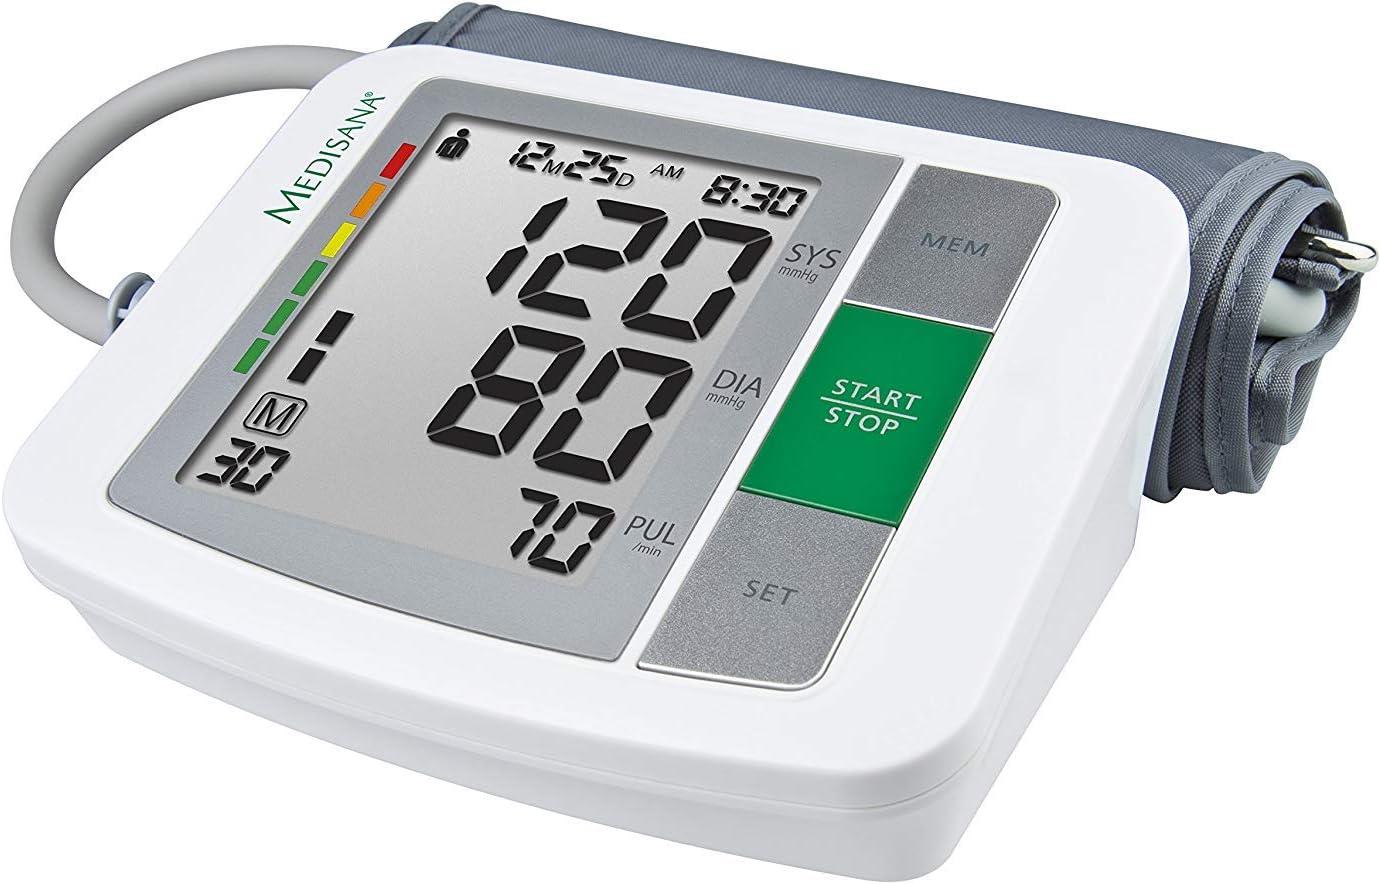 Medisana BU 510 - Tensiómetro para el brazo, pantalla de arritmia, escala de colores de los semáforos de la OMS, para una medición precisa de la tensión arterial y del pulso con función de memoria